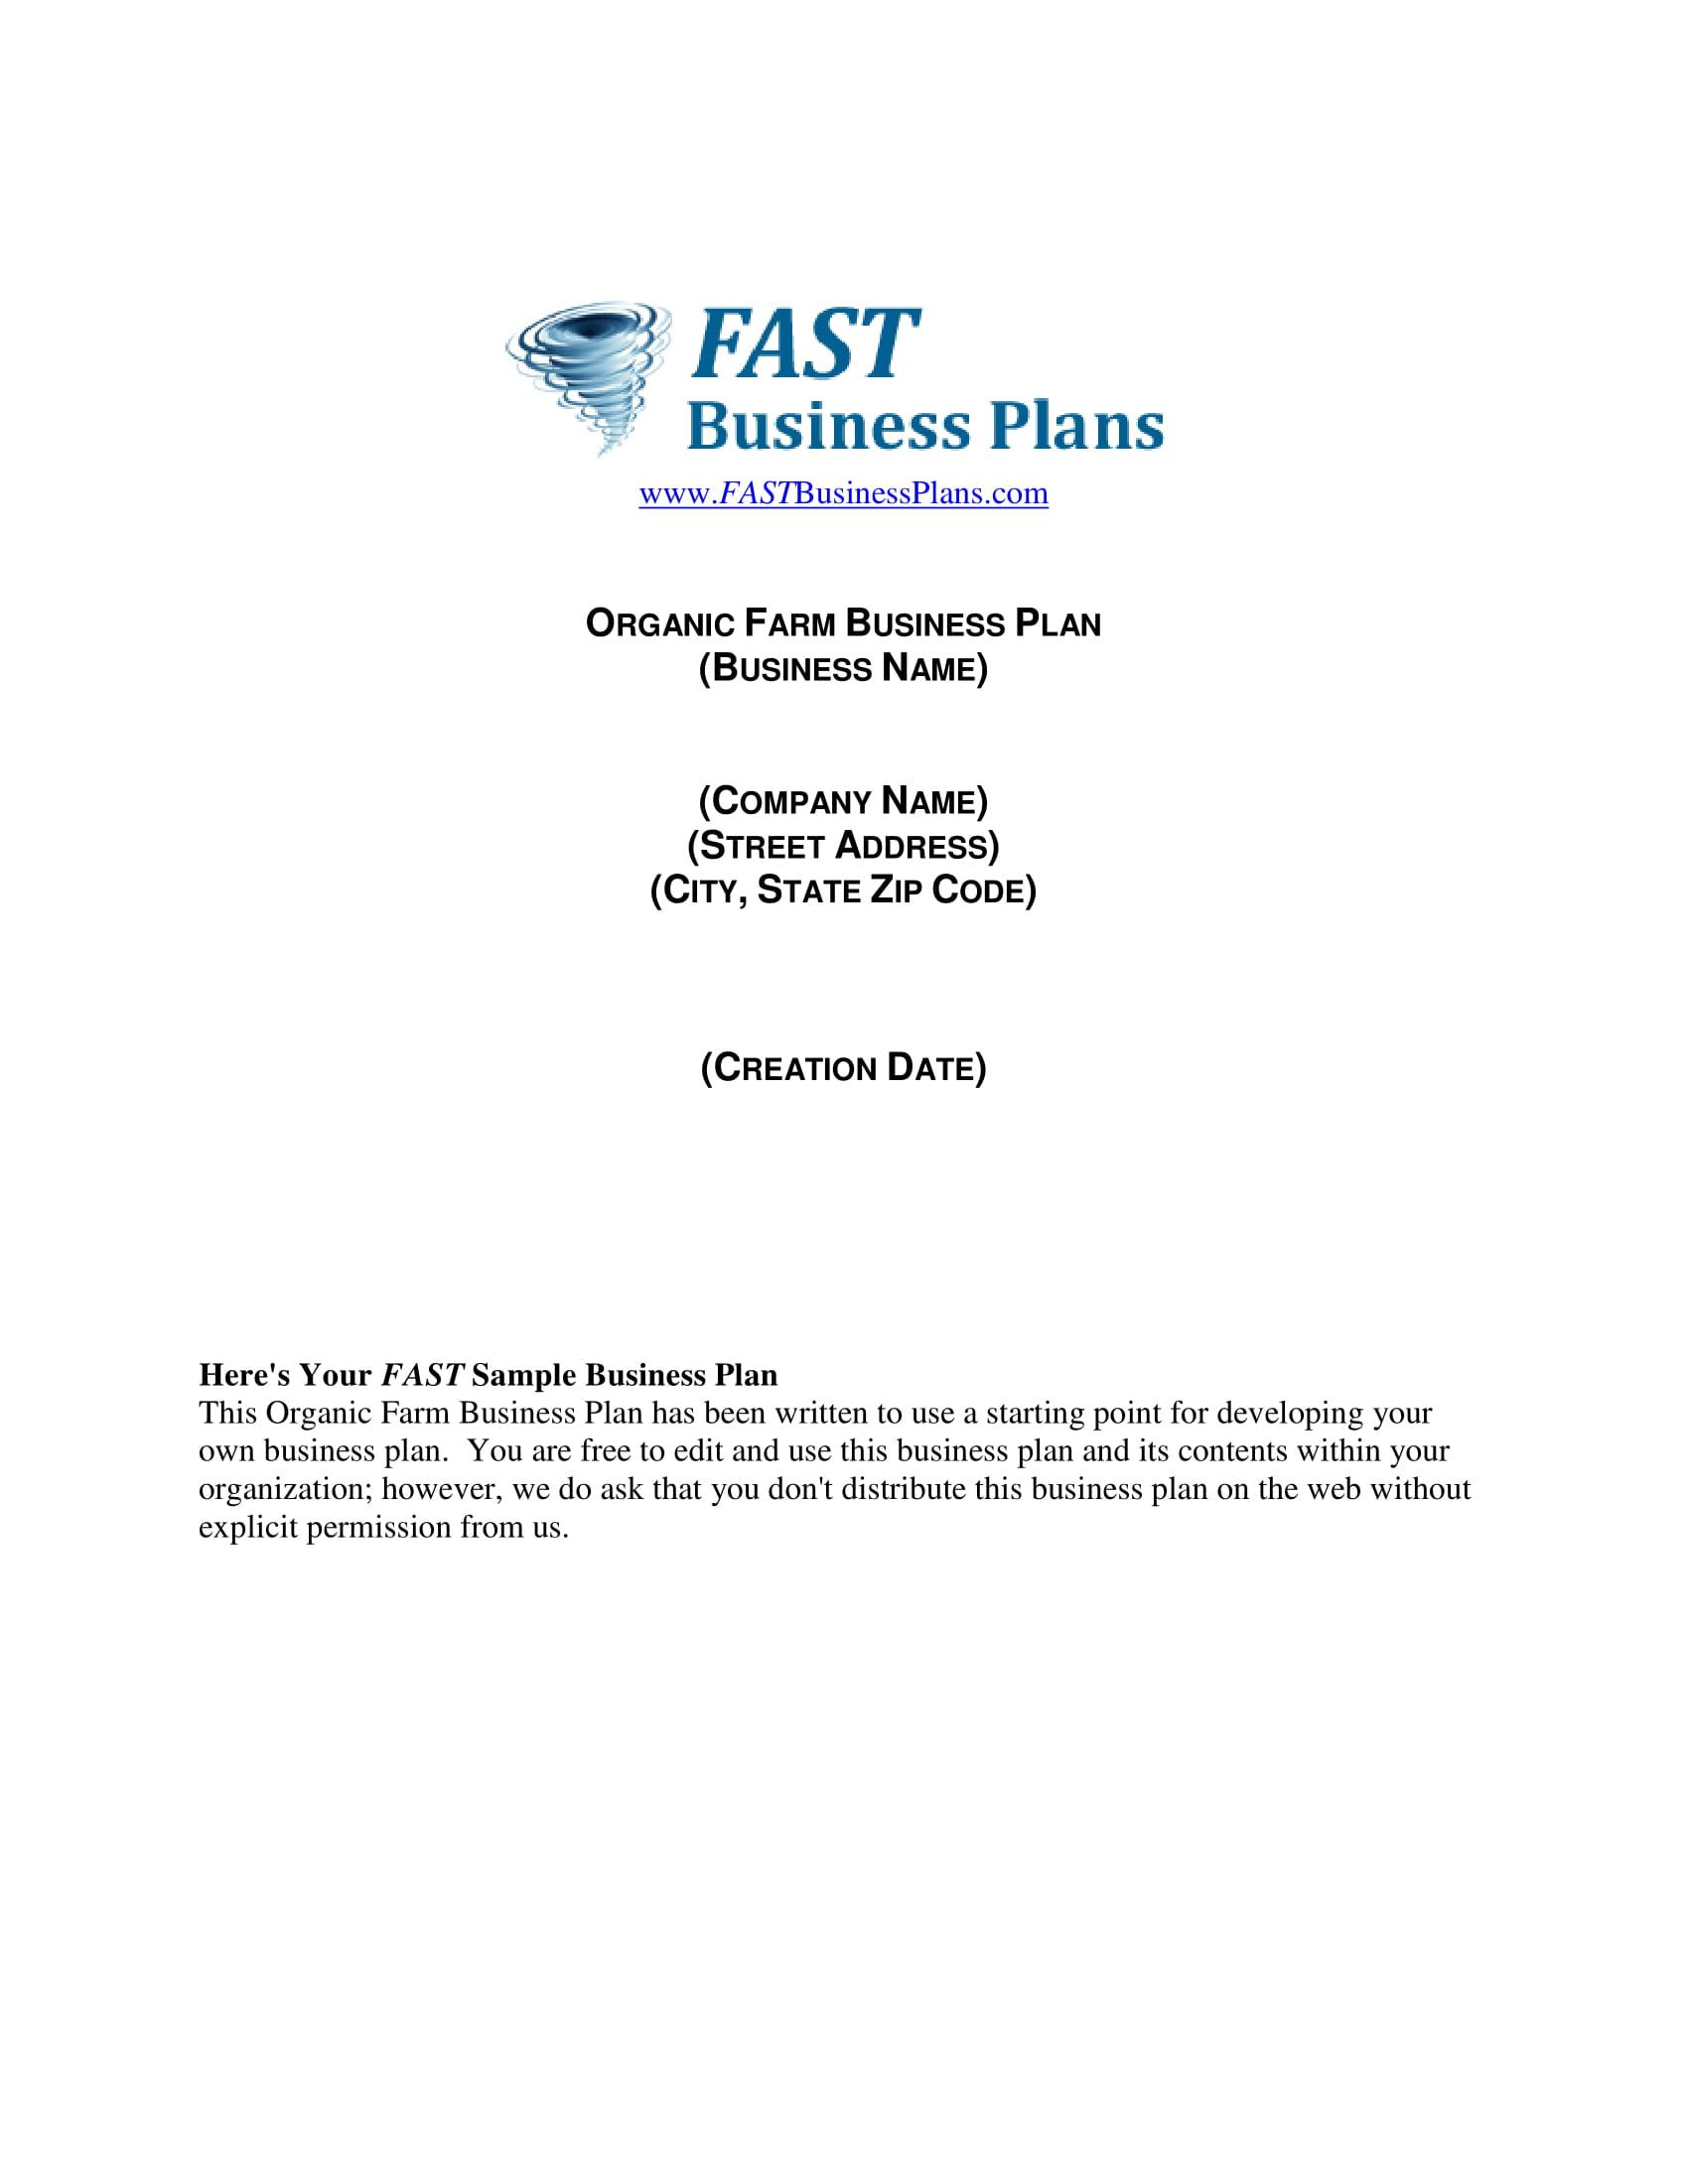 14 Farm Business Plan Examples Pdf